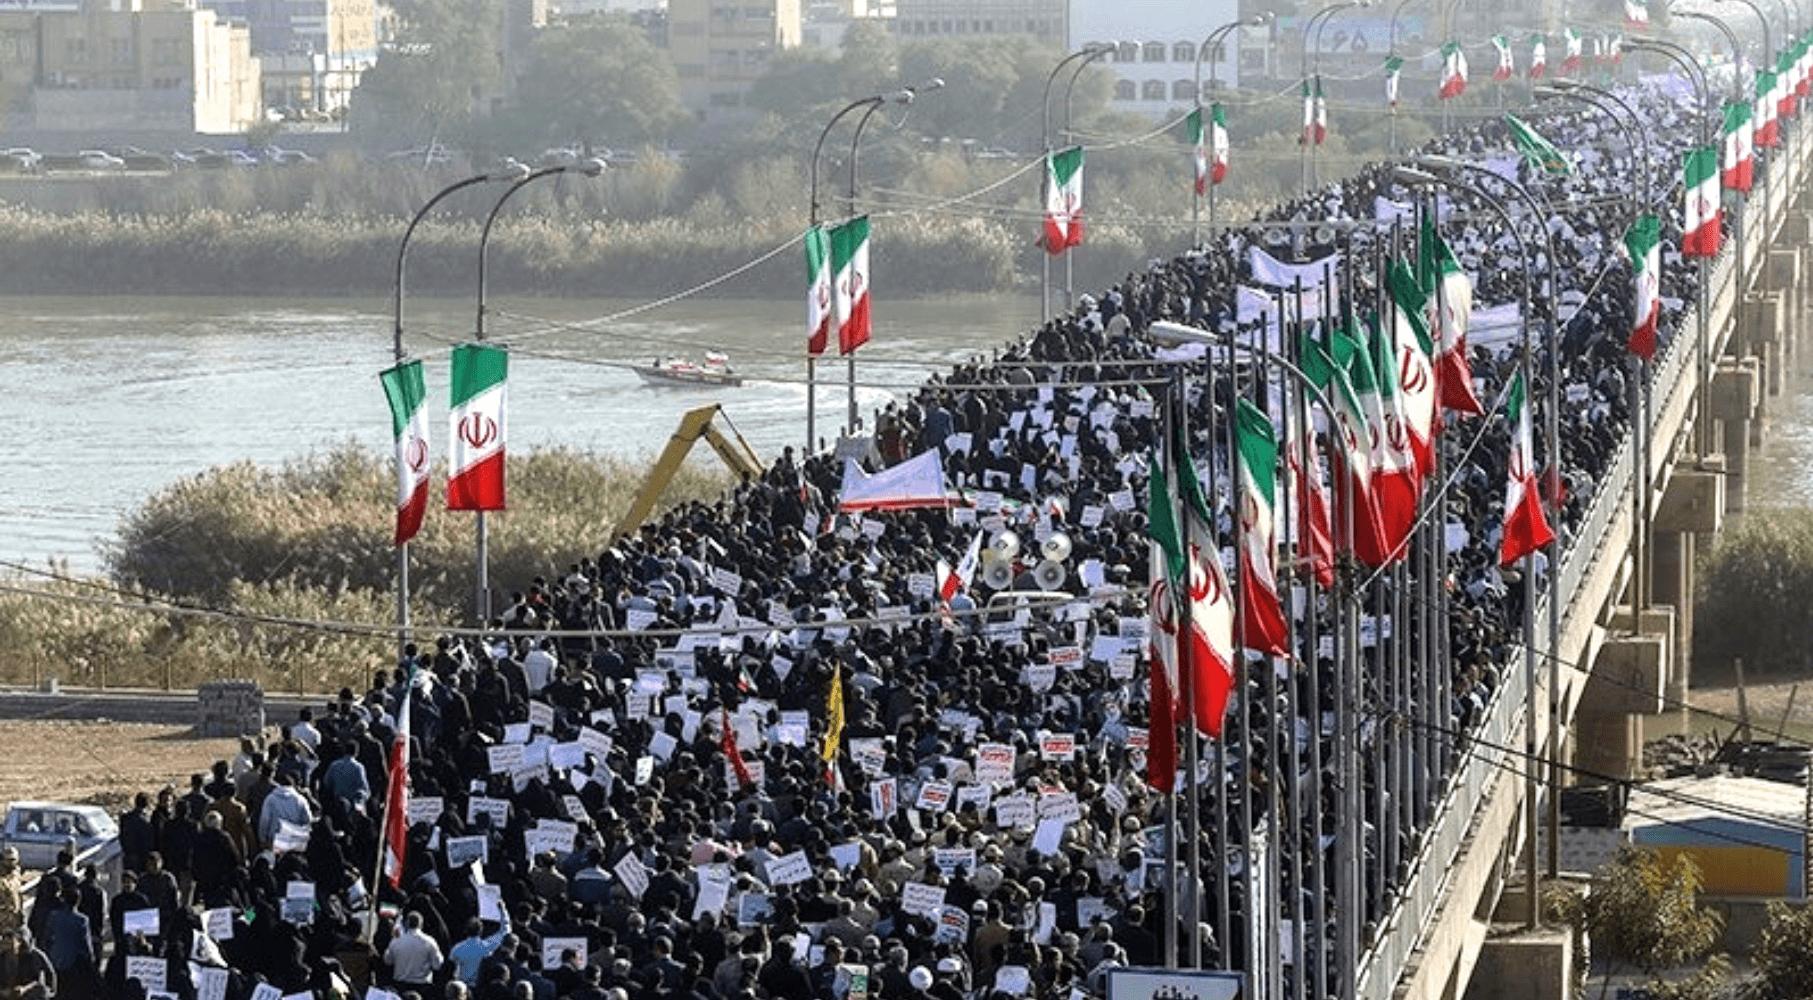 İran mühasirəsi daralır: Xalq üsyana təhrik edilir